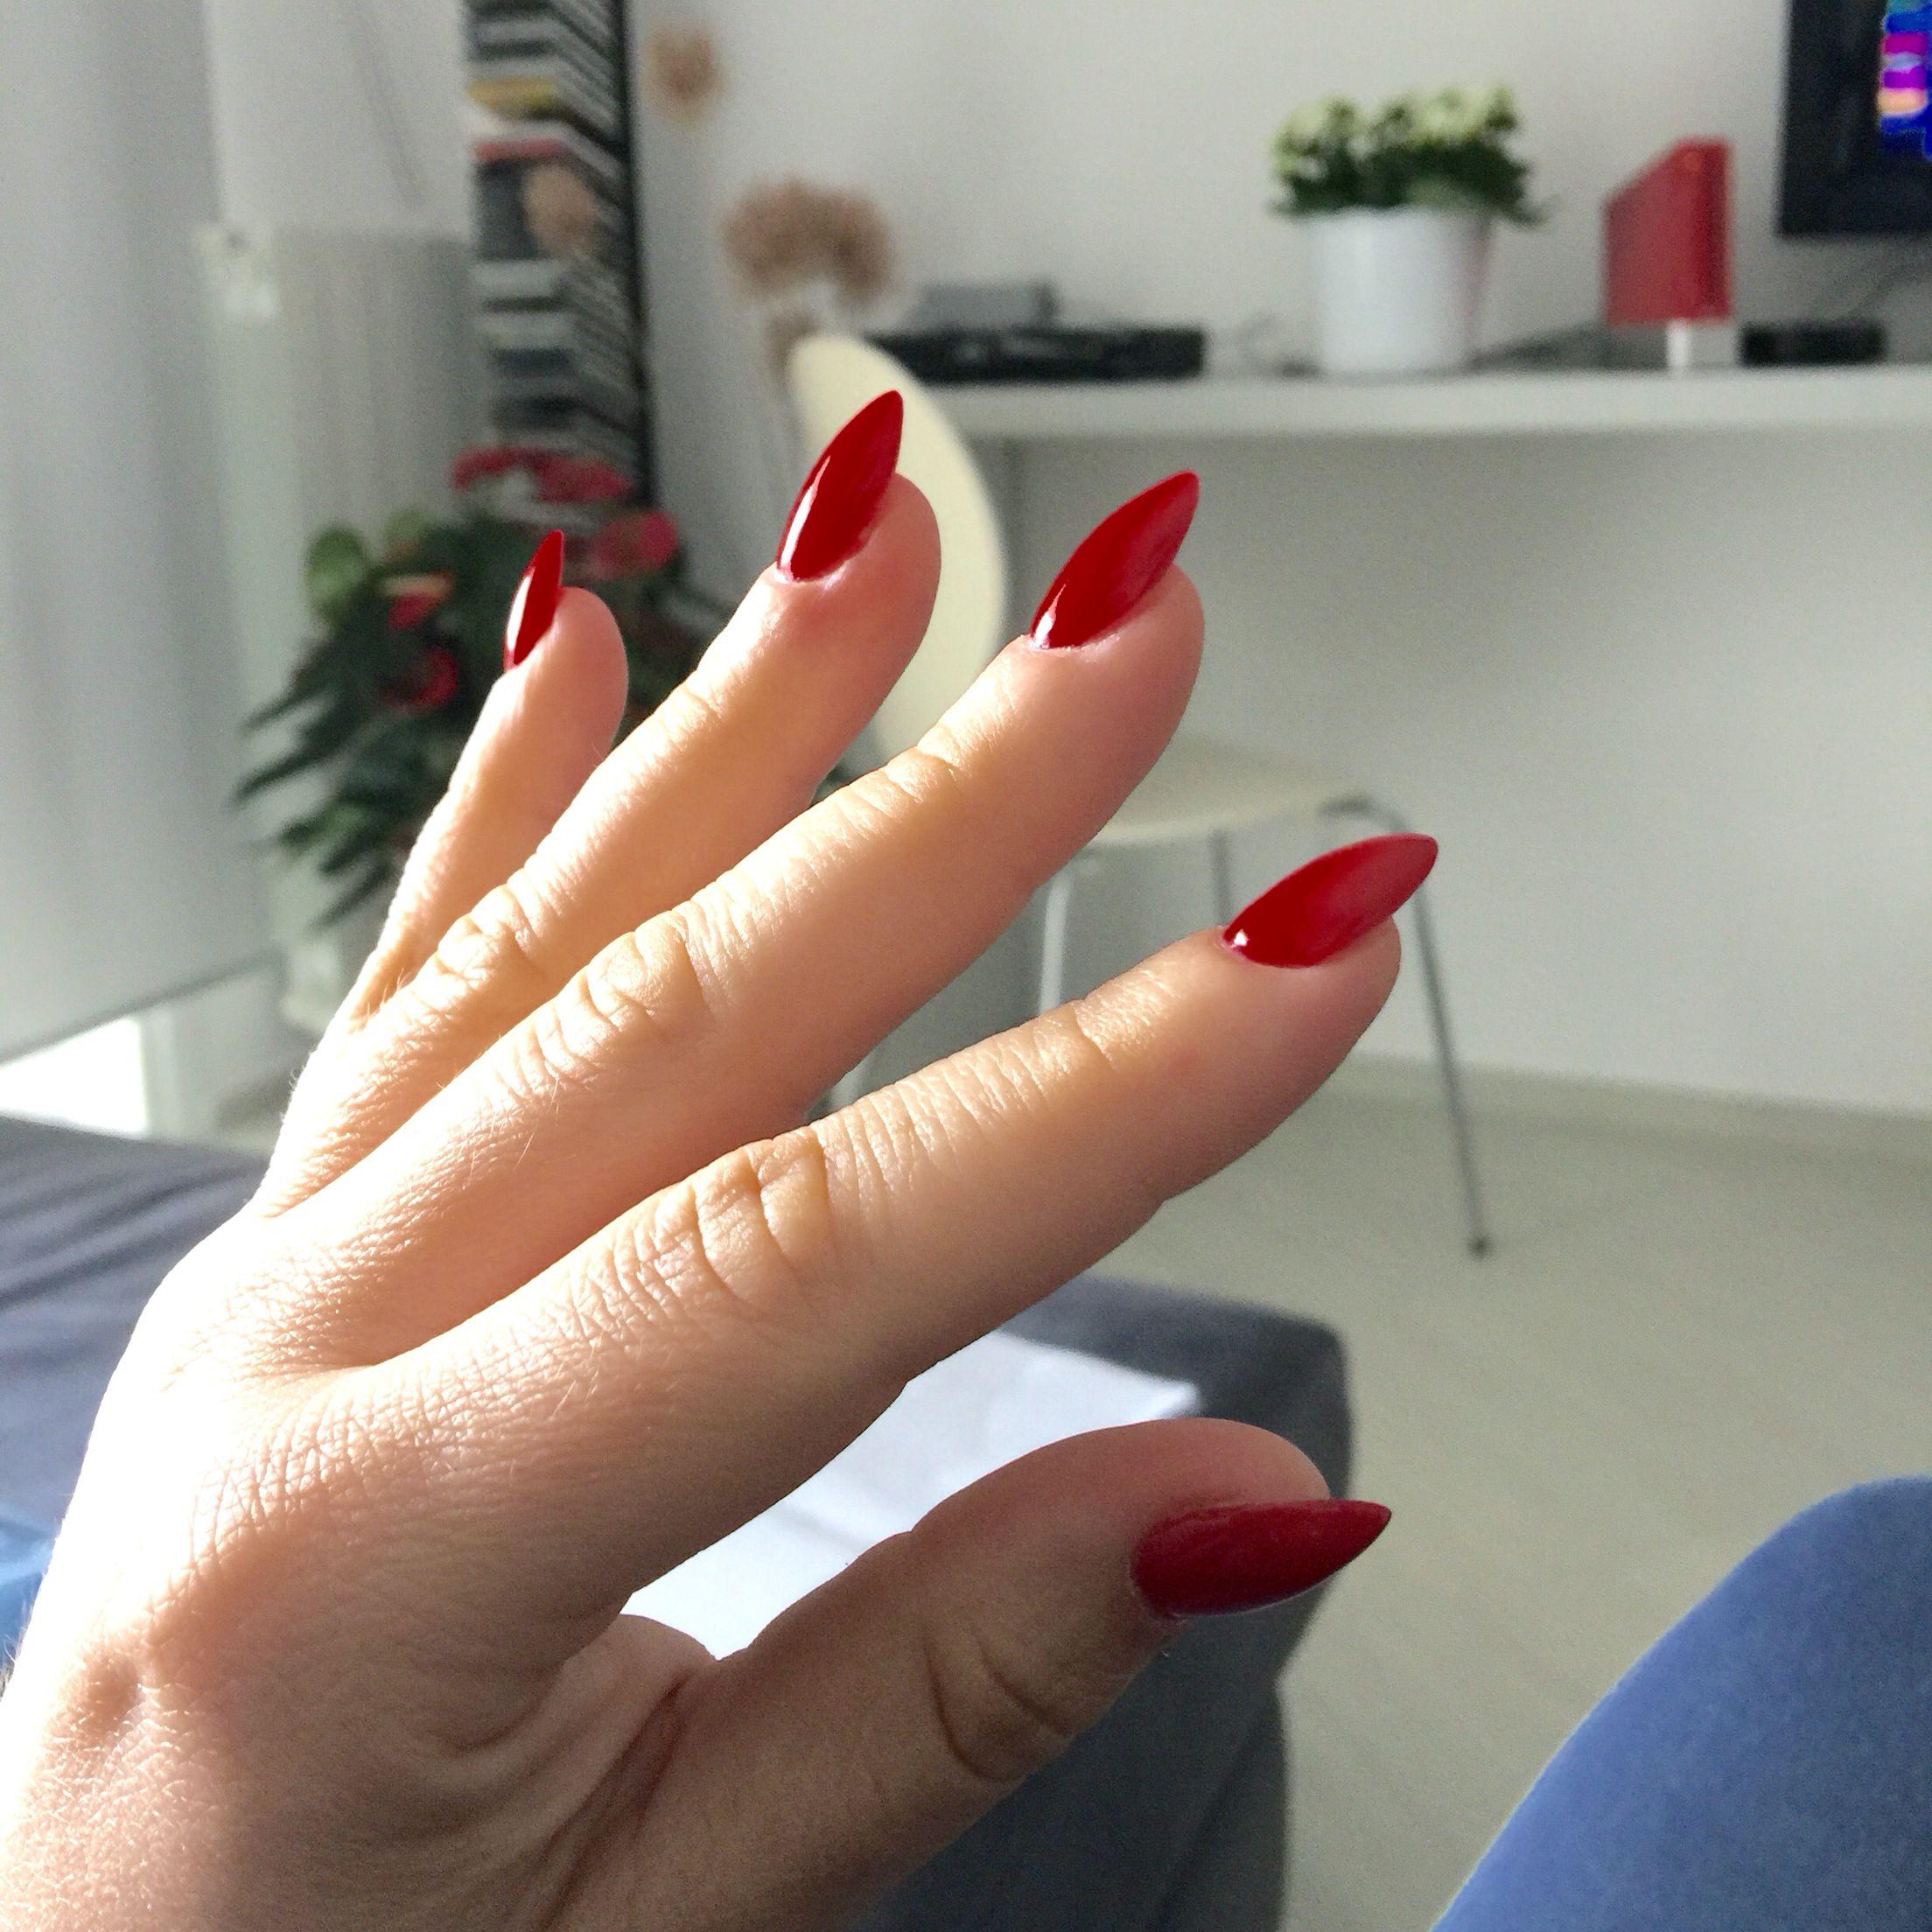 #Red #nails  #acrilic #almond #rossopassione